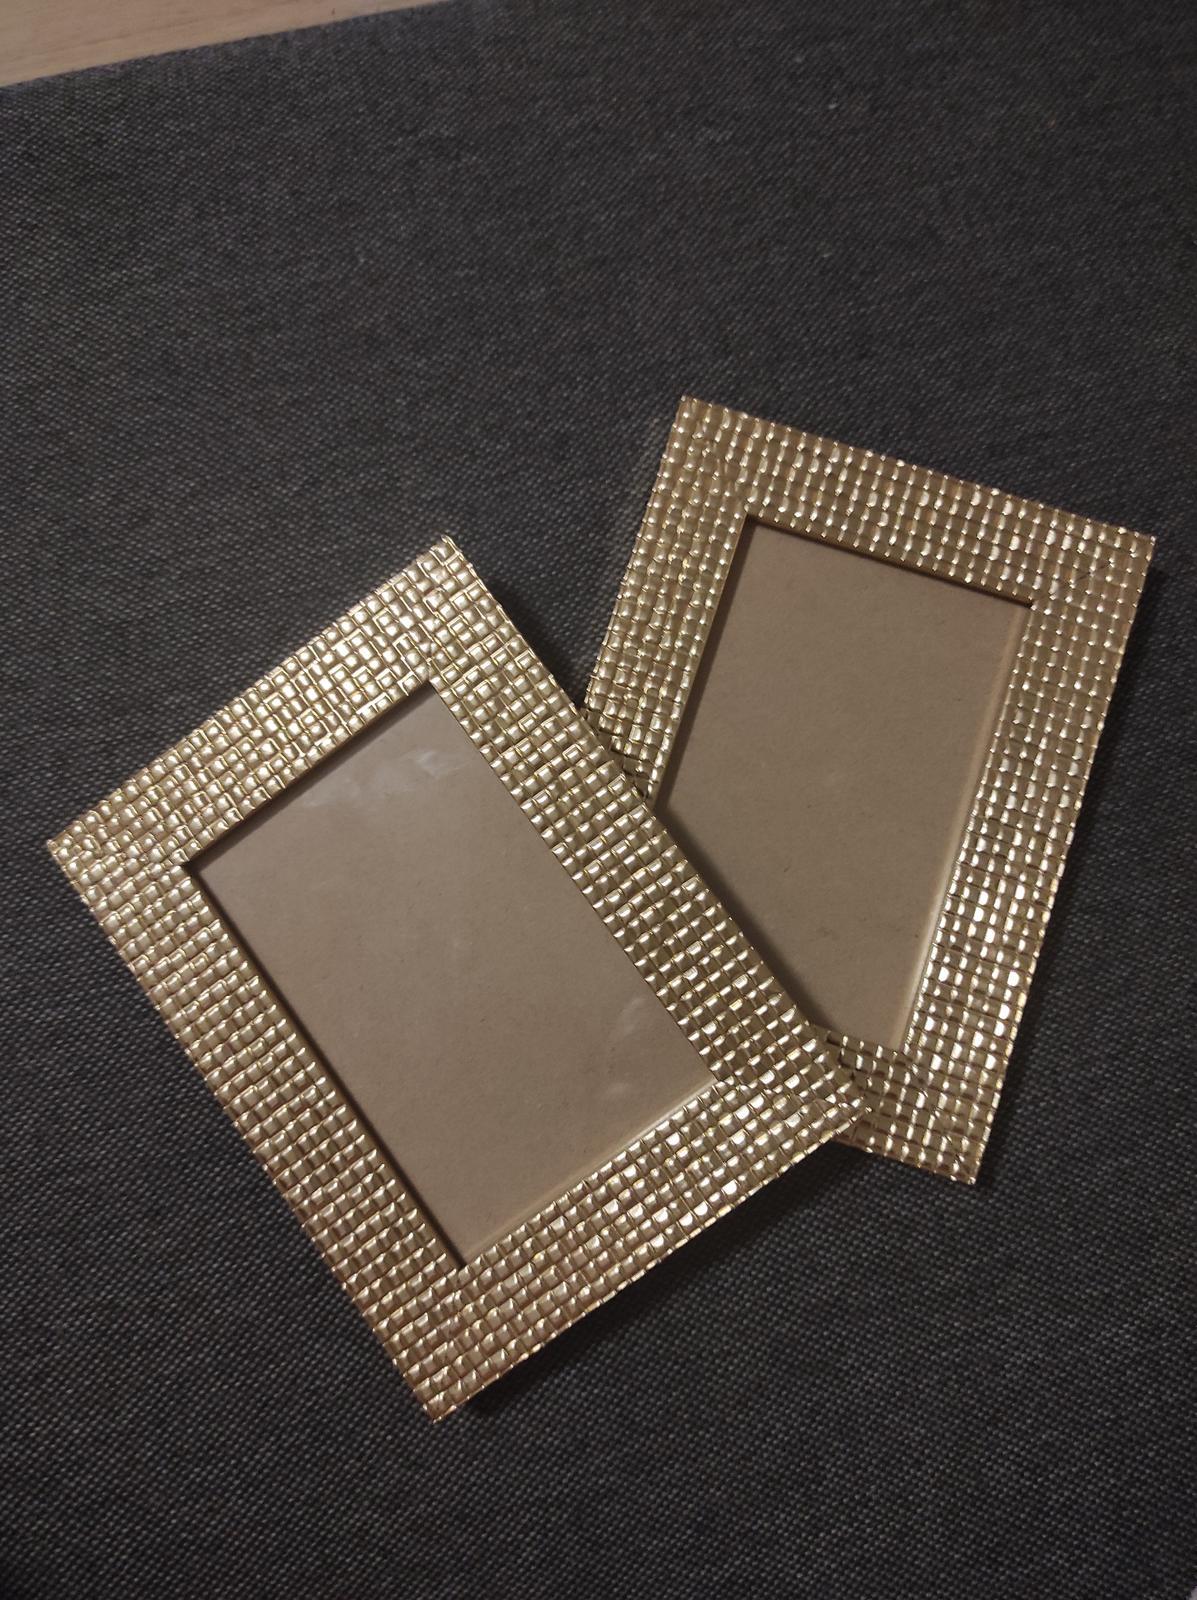 Zlaté rámečky - 2ks - Obrázek č. 1